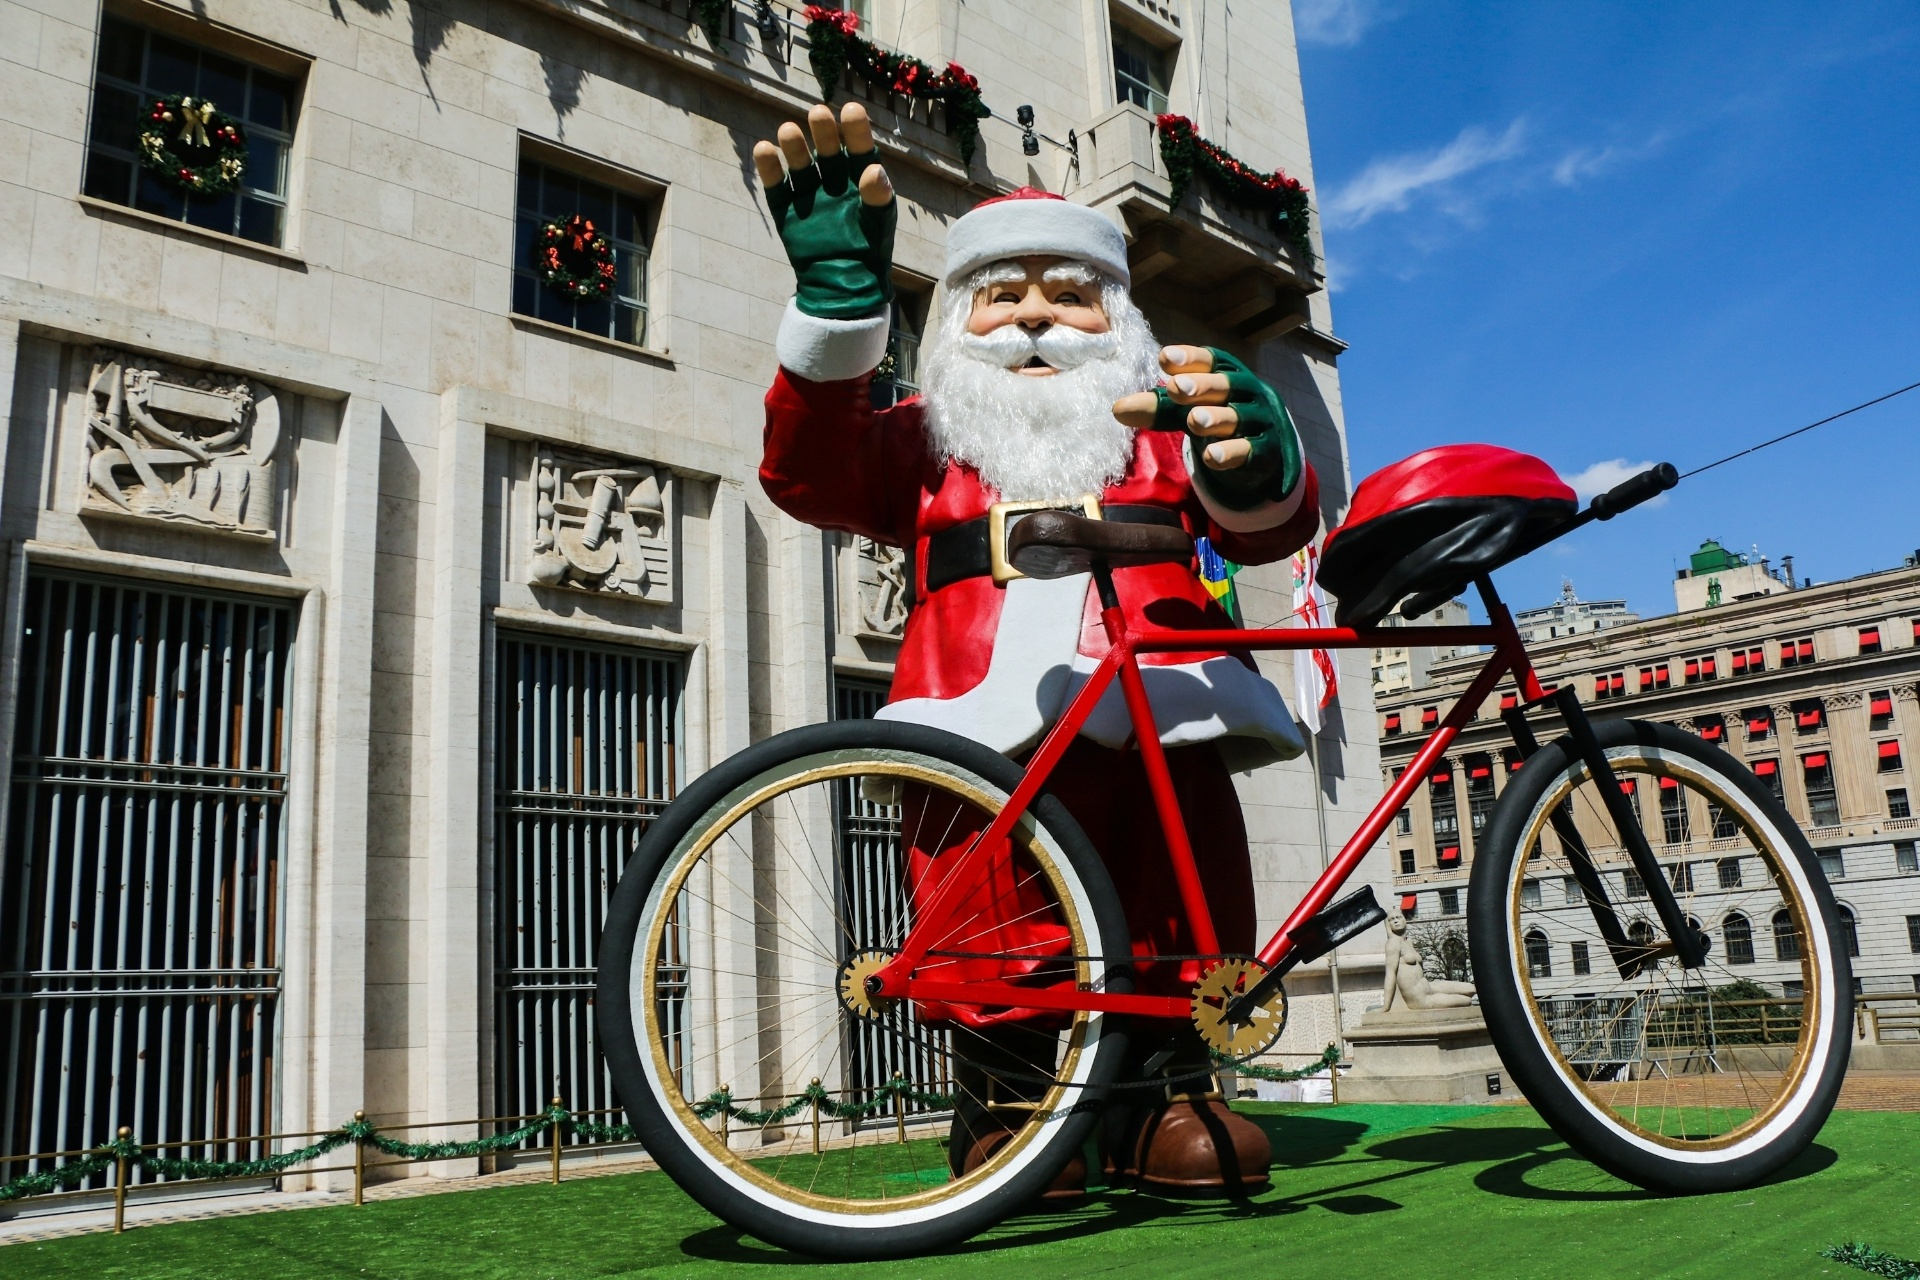 8.dez.2014 - 8.dez.2014 - A Prefeitura de São Paulo incluiu um Papai Noel ciclista na sua decoração natalina. Com bicicleta, capacete e luvas apropiadas para pedalar, o boneco do bom velhinho foi colocado em frente à sede da prefeitura nesta segunda-feira